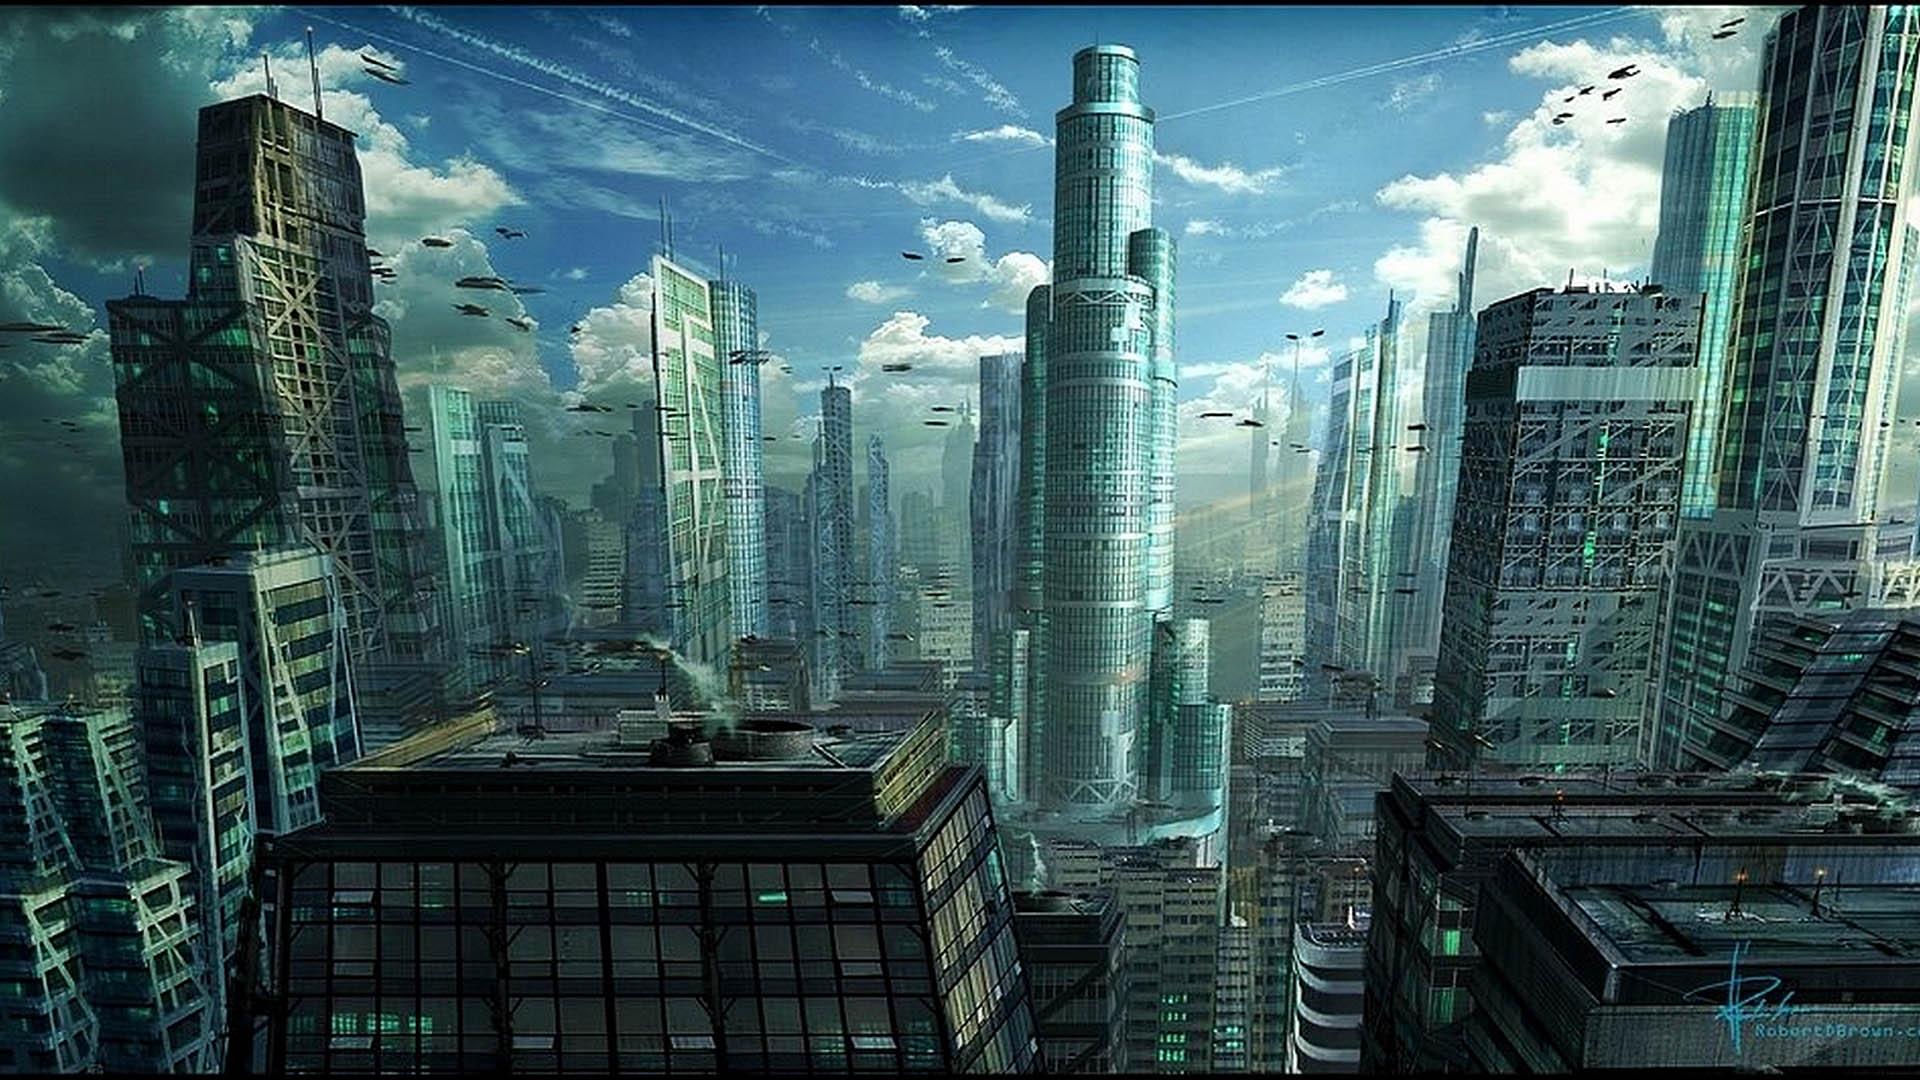 building futuristic city design ideas